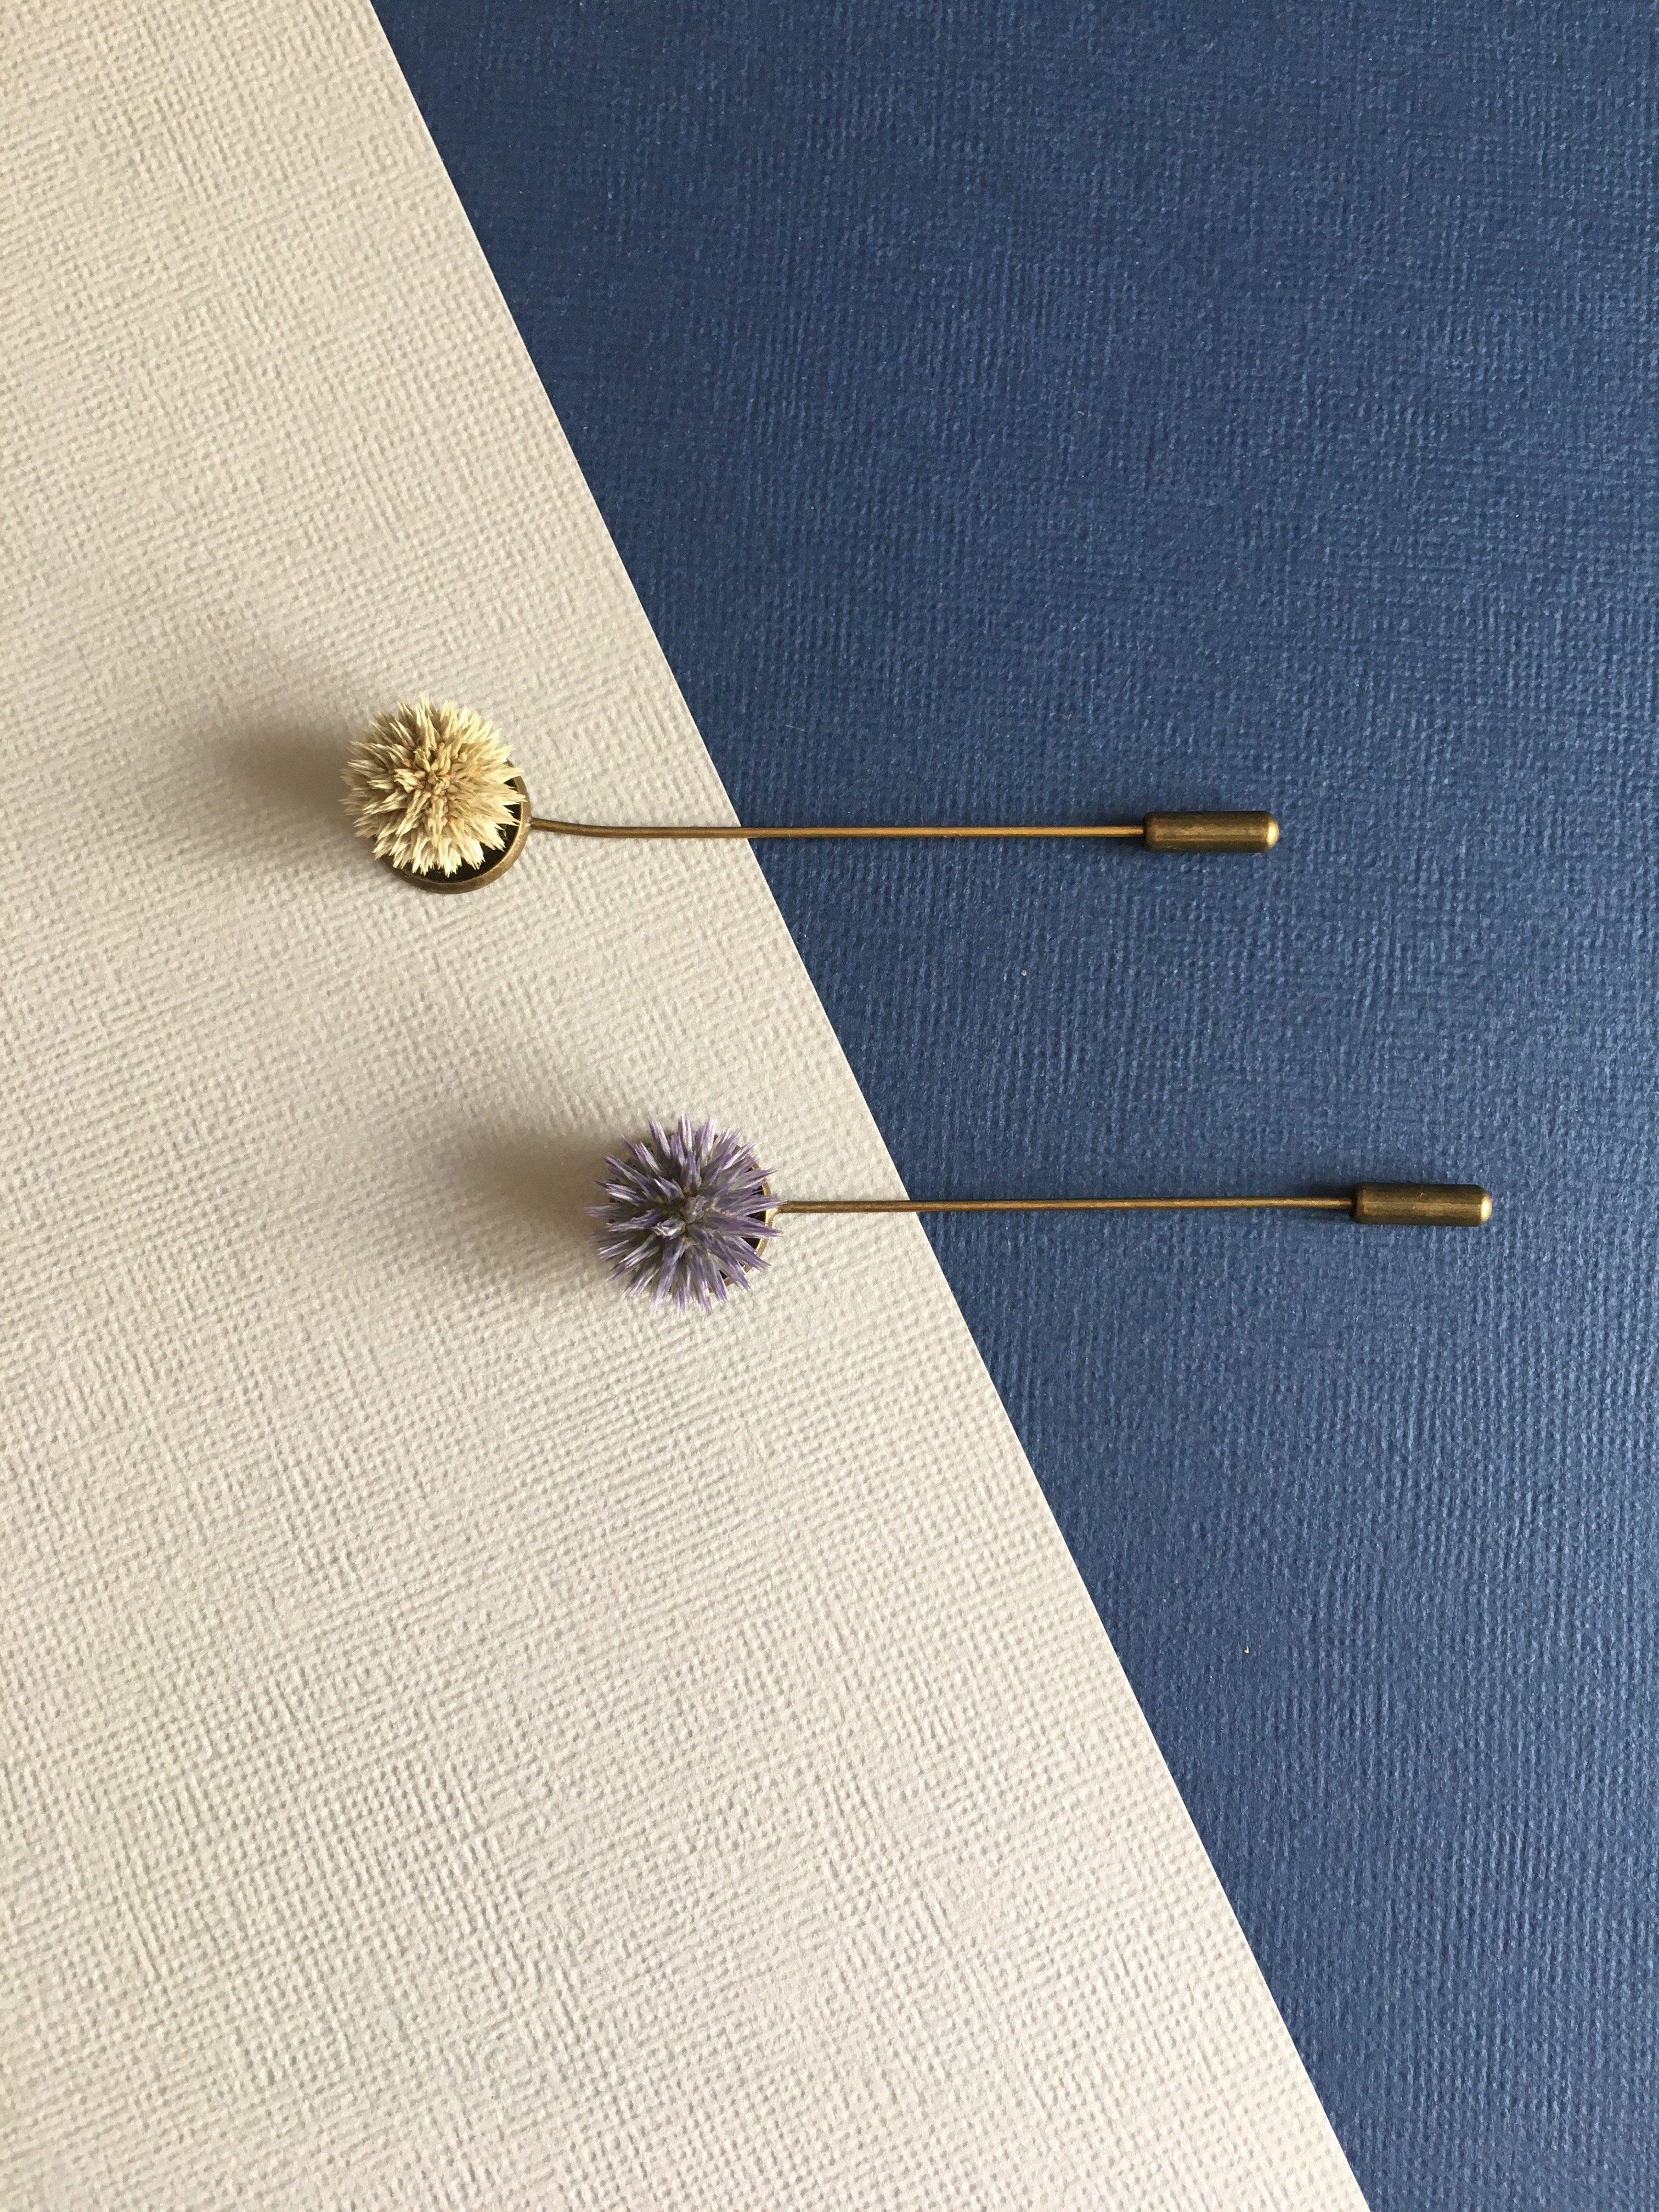 Boutonnières boutons - Fleurs séchées